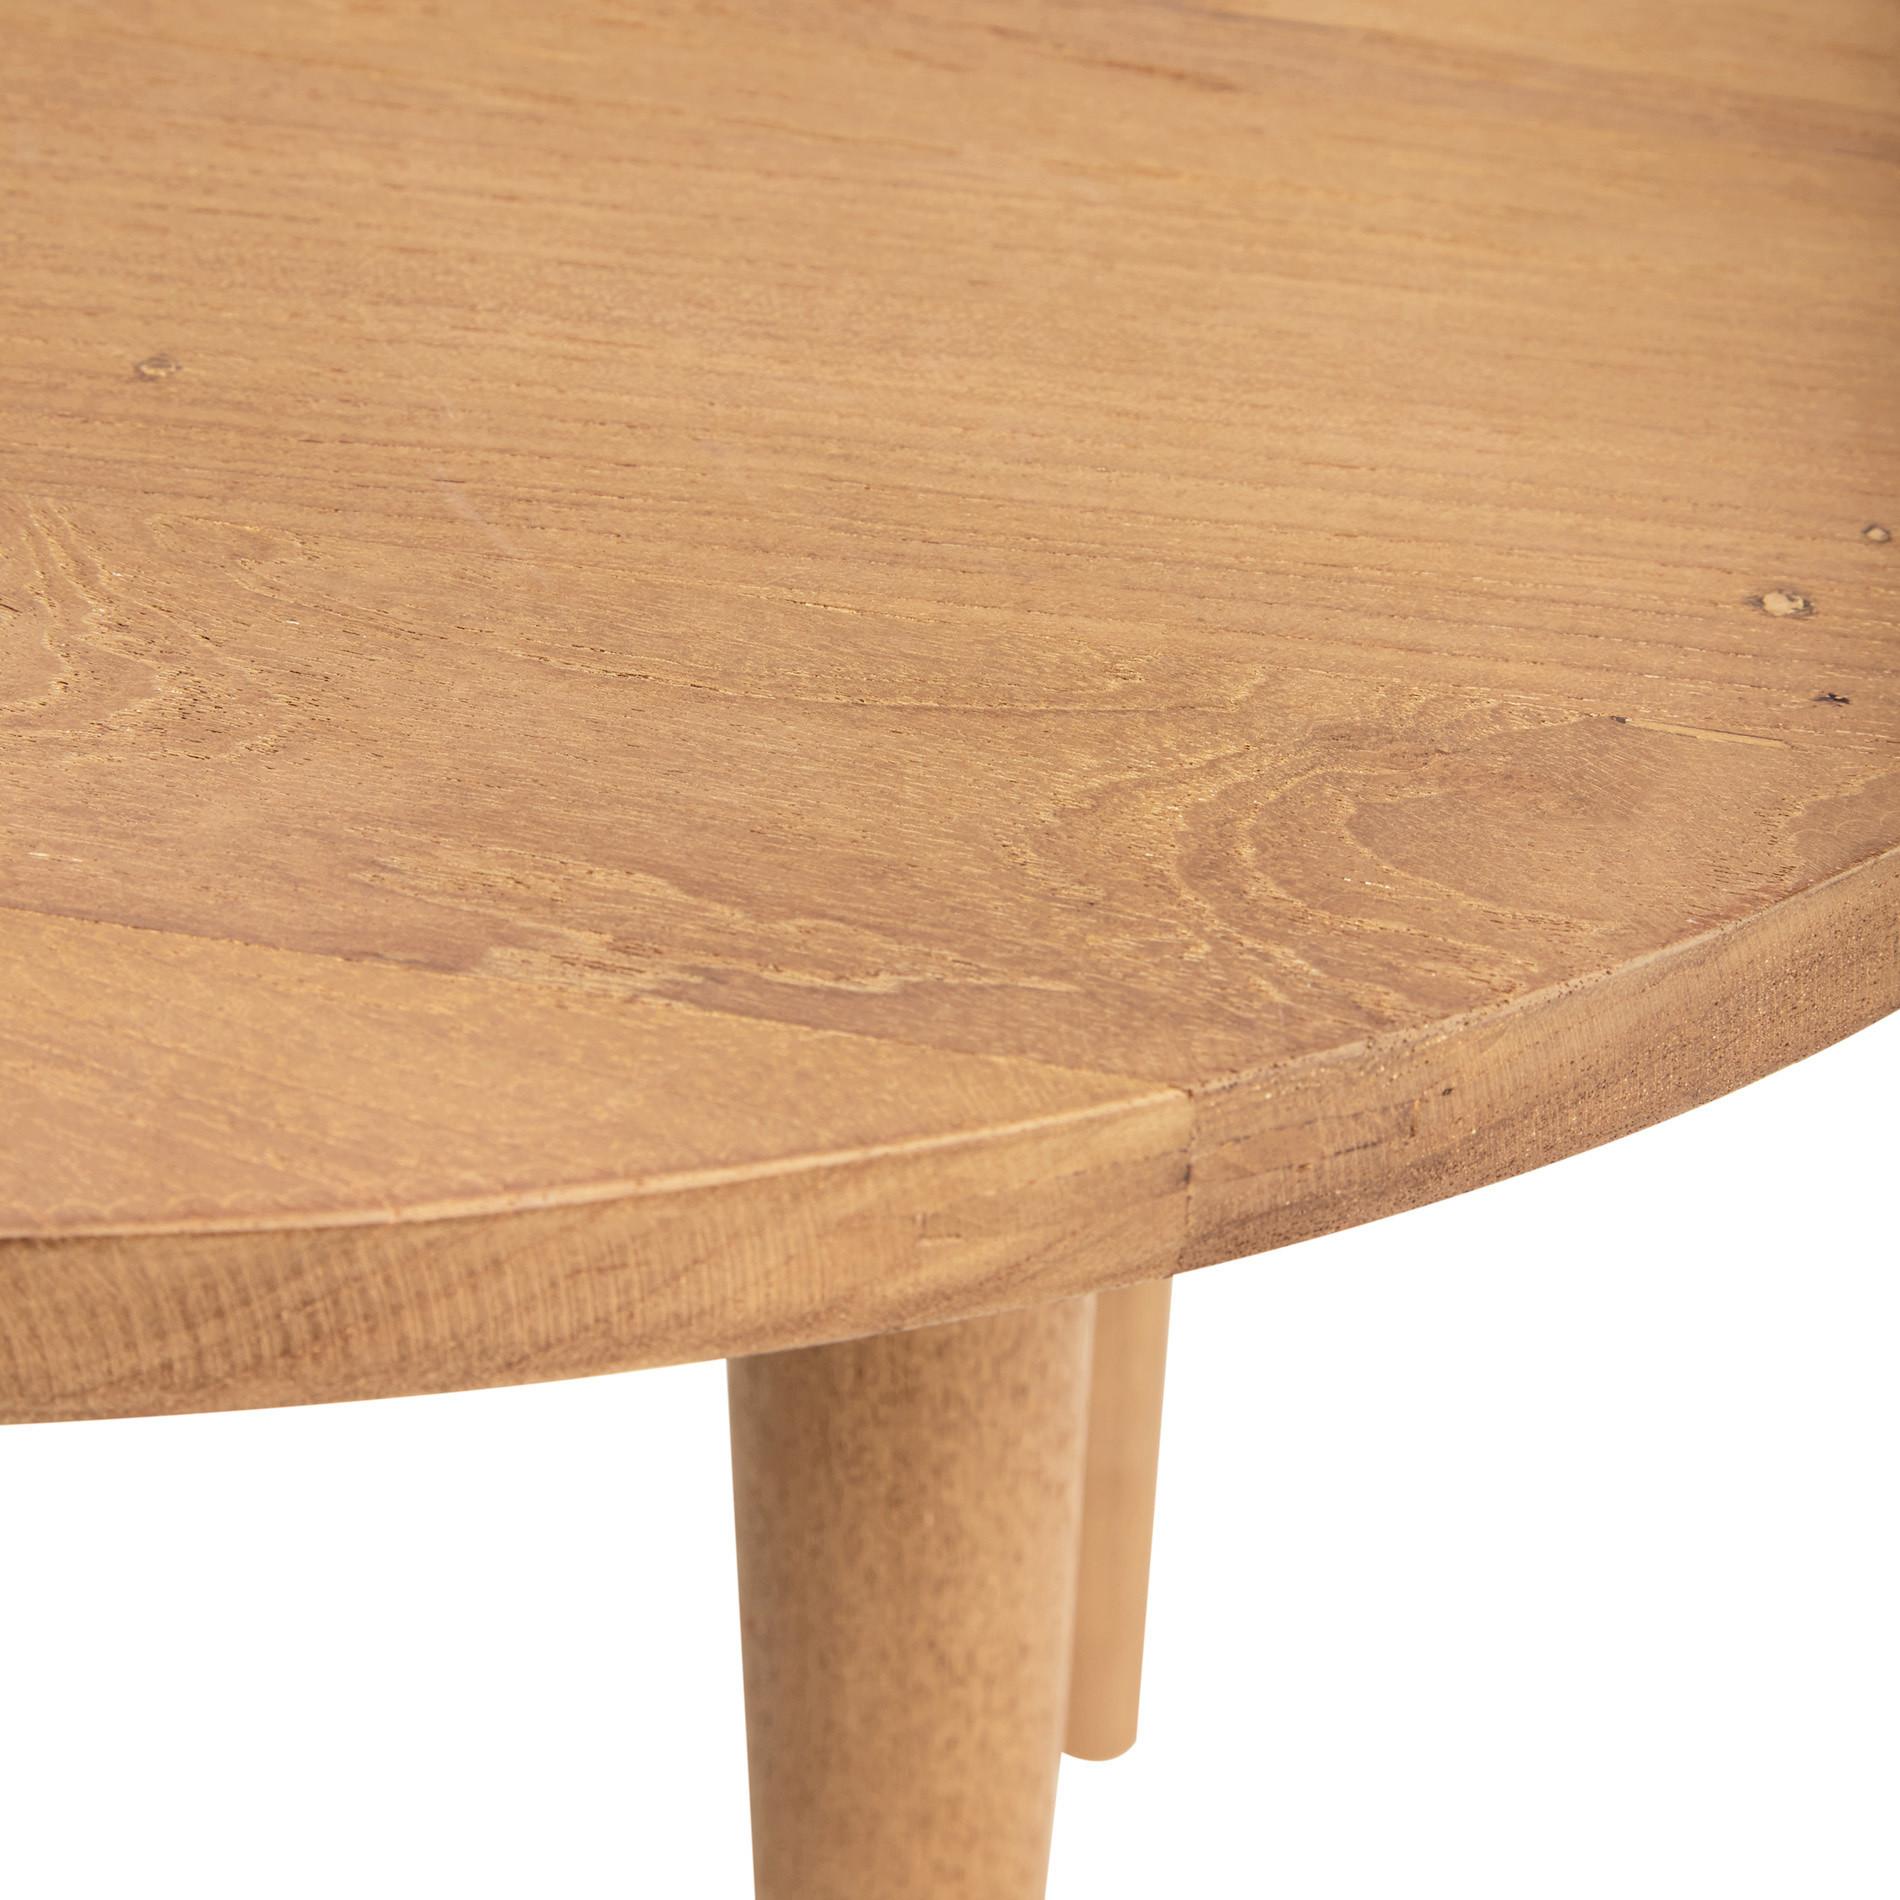 Tavolino rotondo in teak riciclato T-Round, Beige, large image number 1